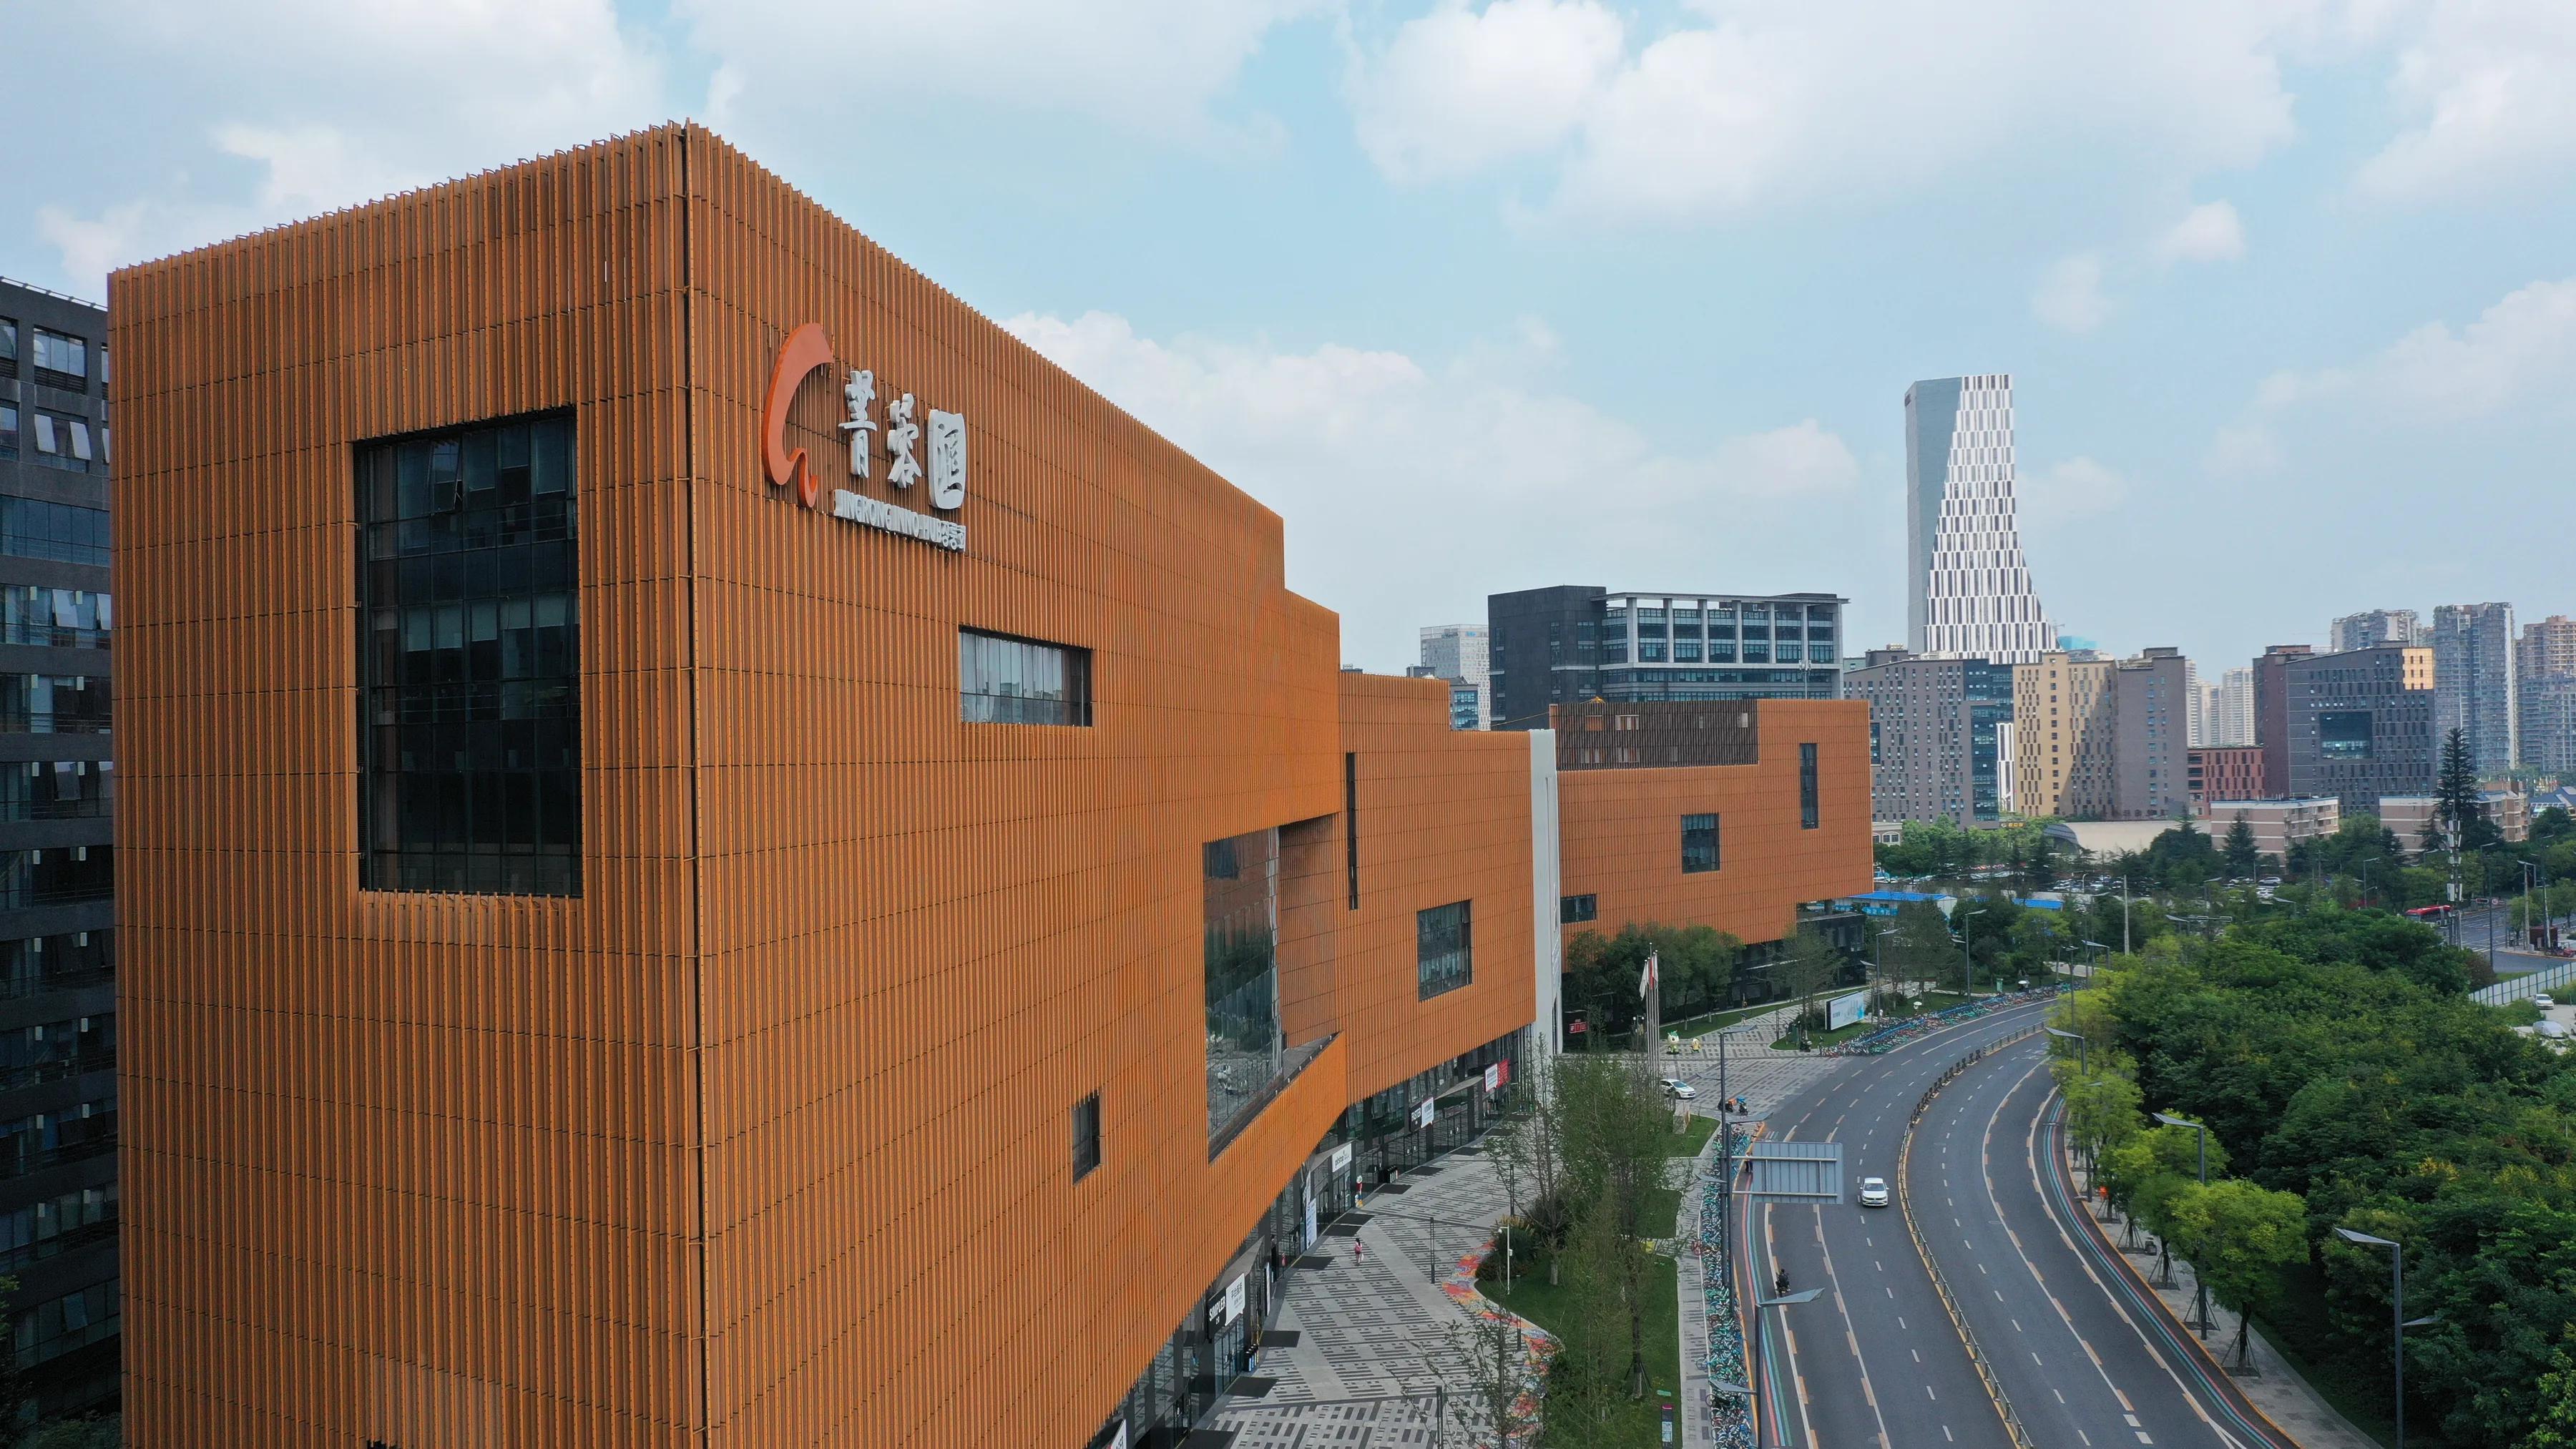 成都高新区发布建设世界一流高科技园区规划纲要